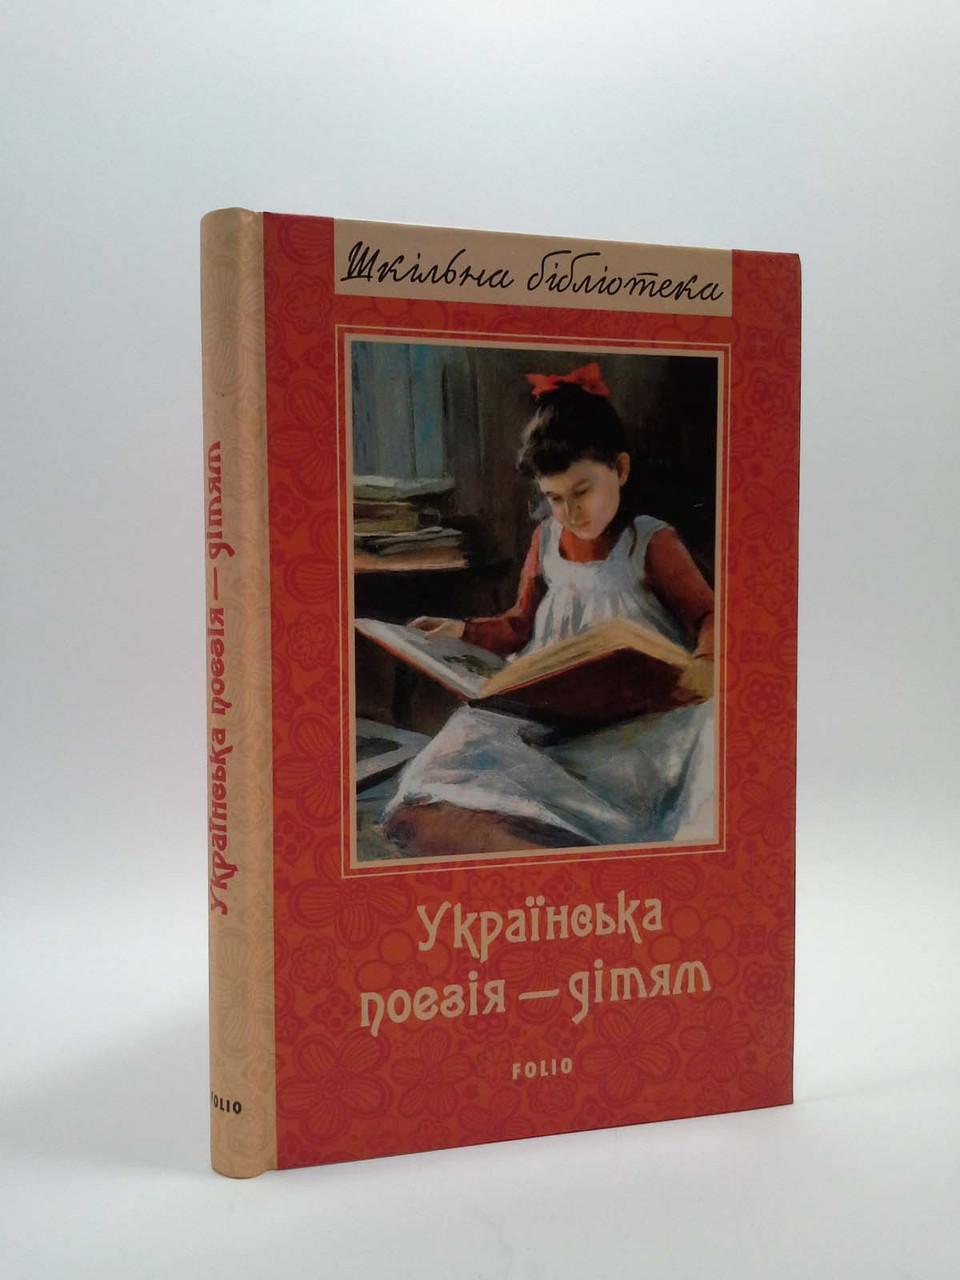 Фоліо ШБ Українська поезія дітям